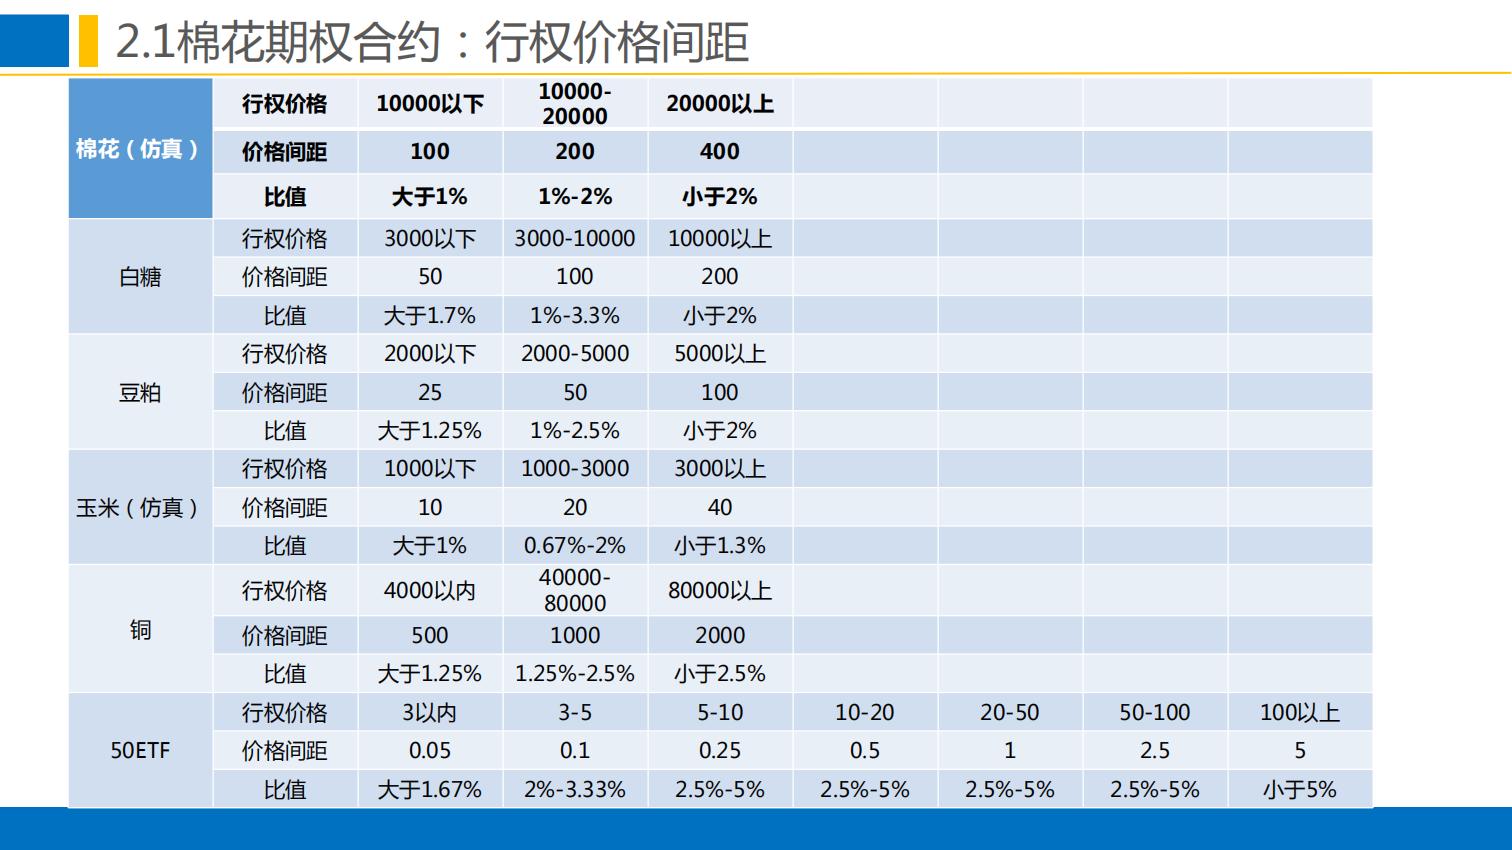 晨会:郑商所培训分享-棉花期权合约规则与上市工作安排0111.pdfx_13.png